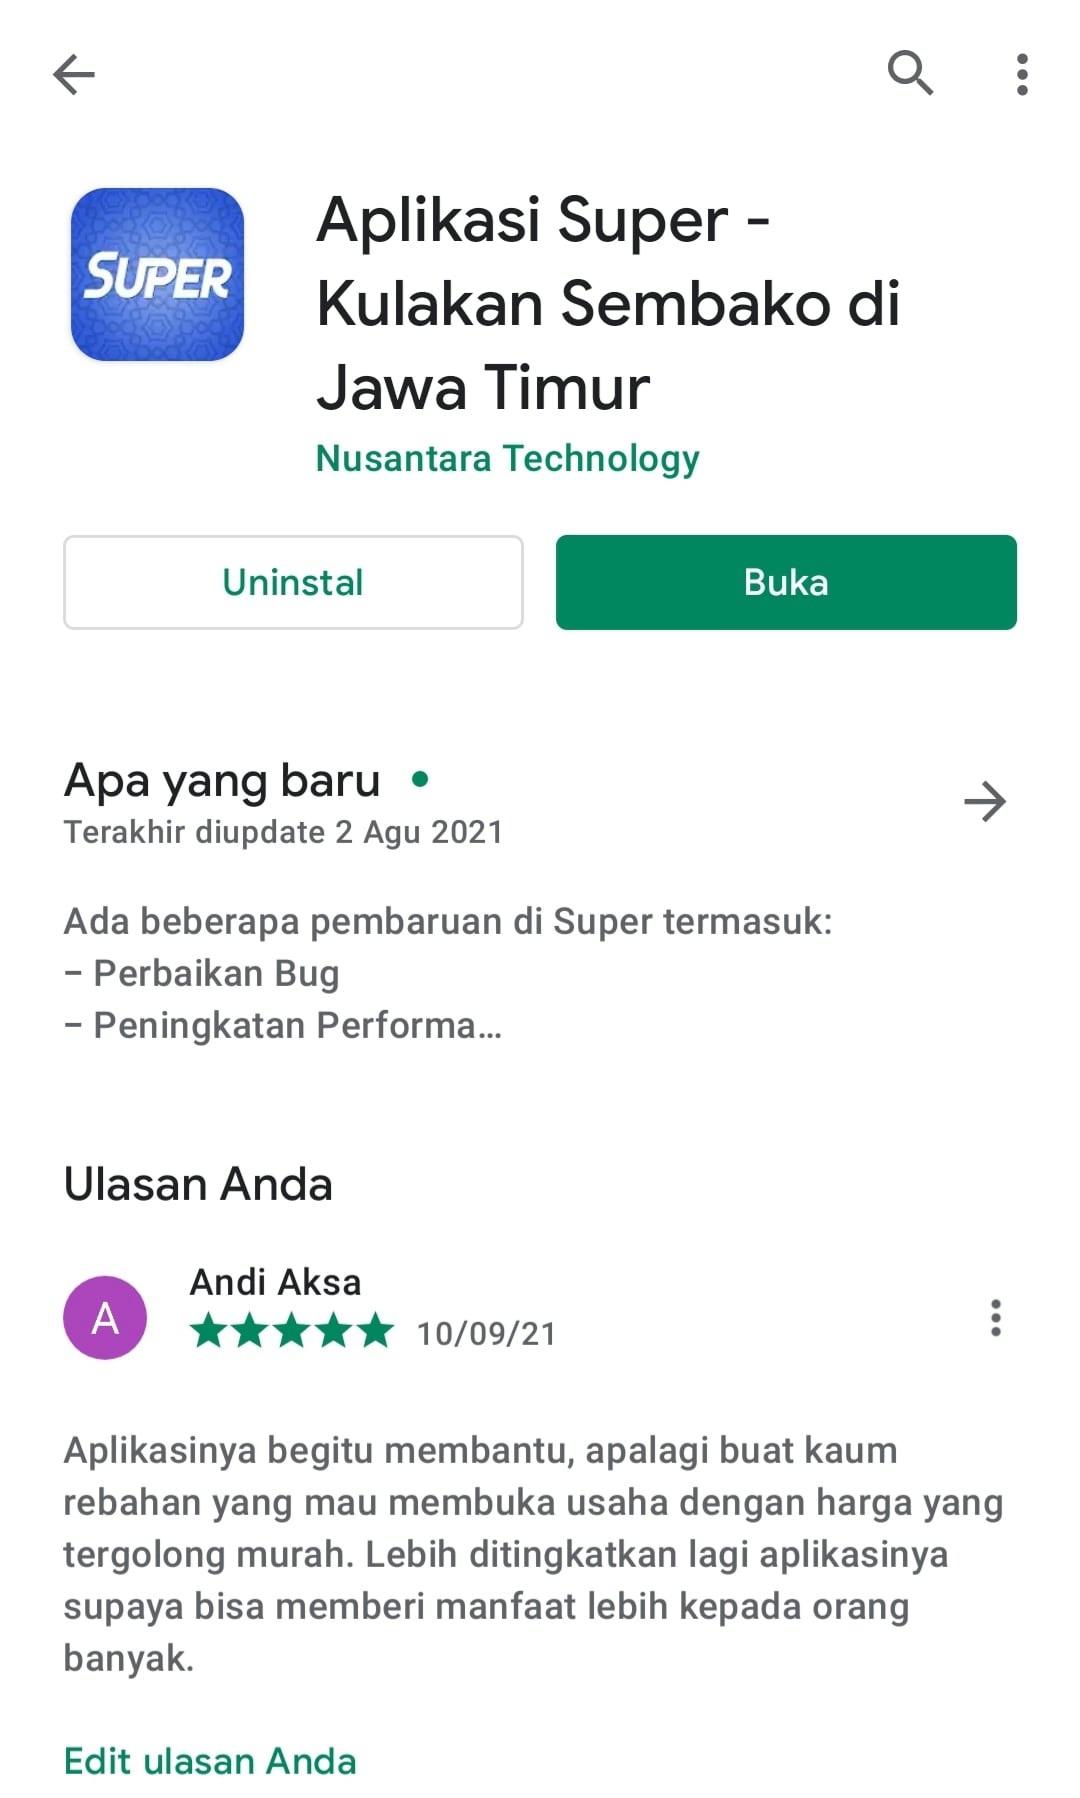 Aplikasi Super Kulakan Sembako Jawa Timur